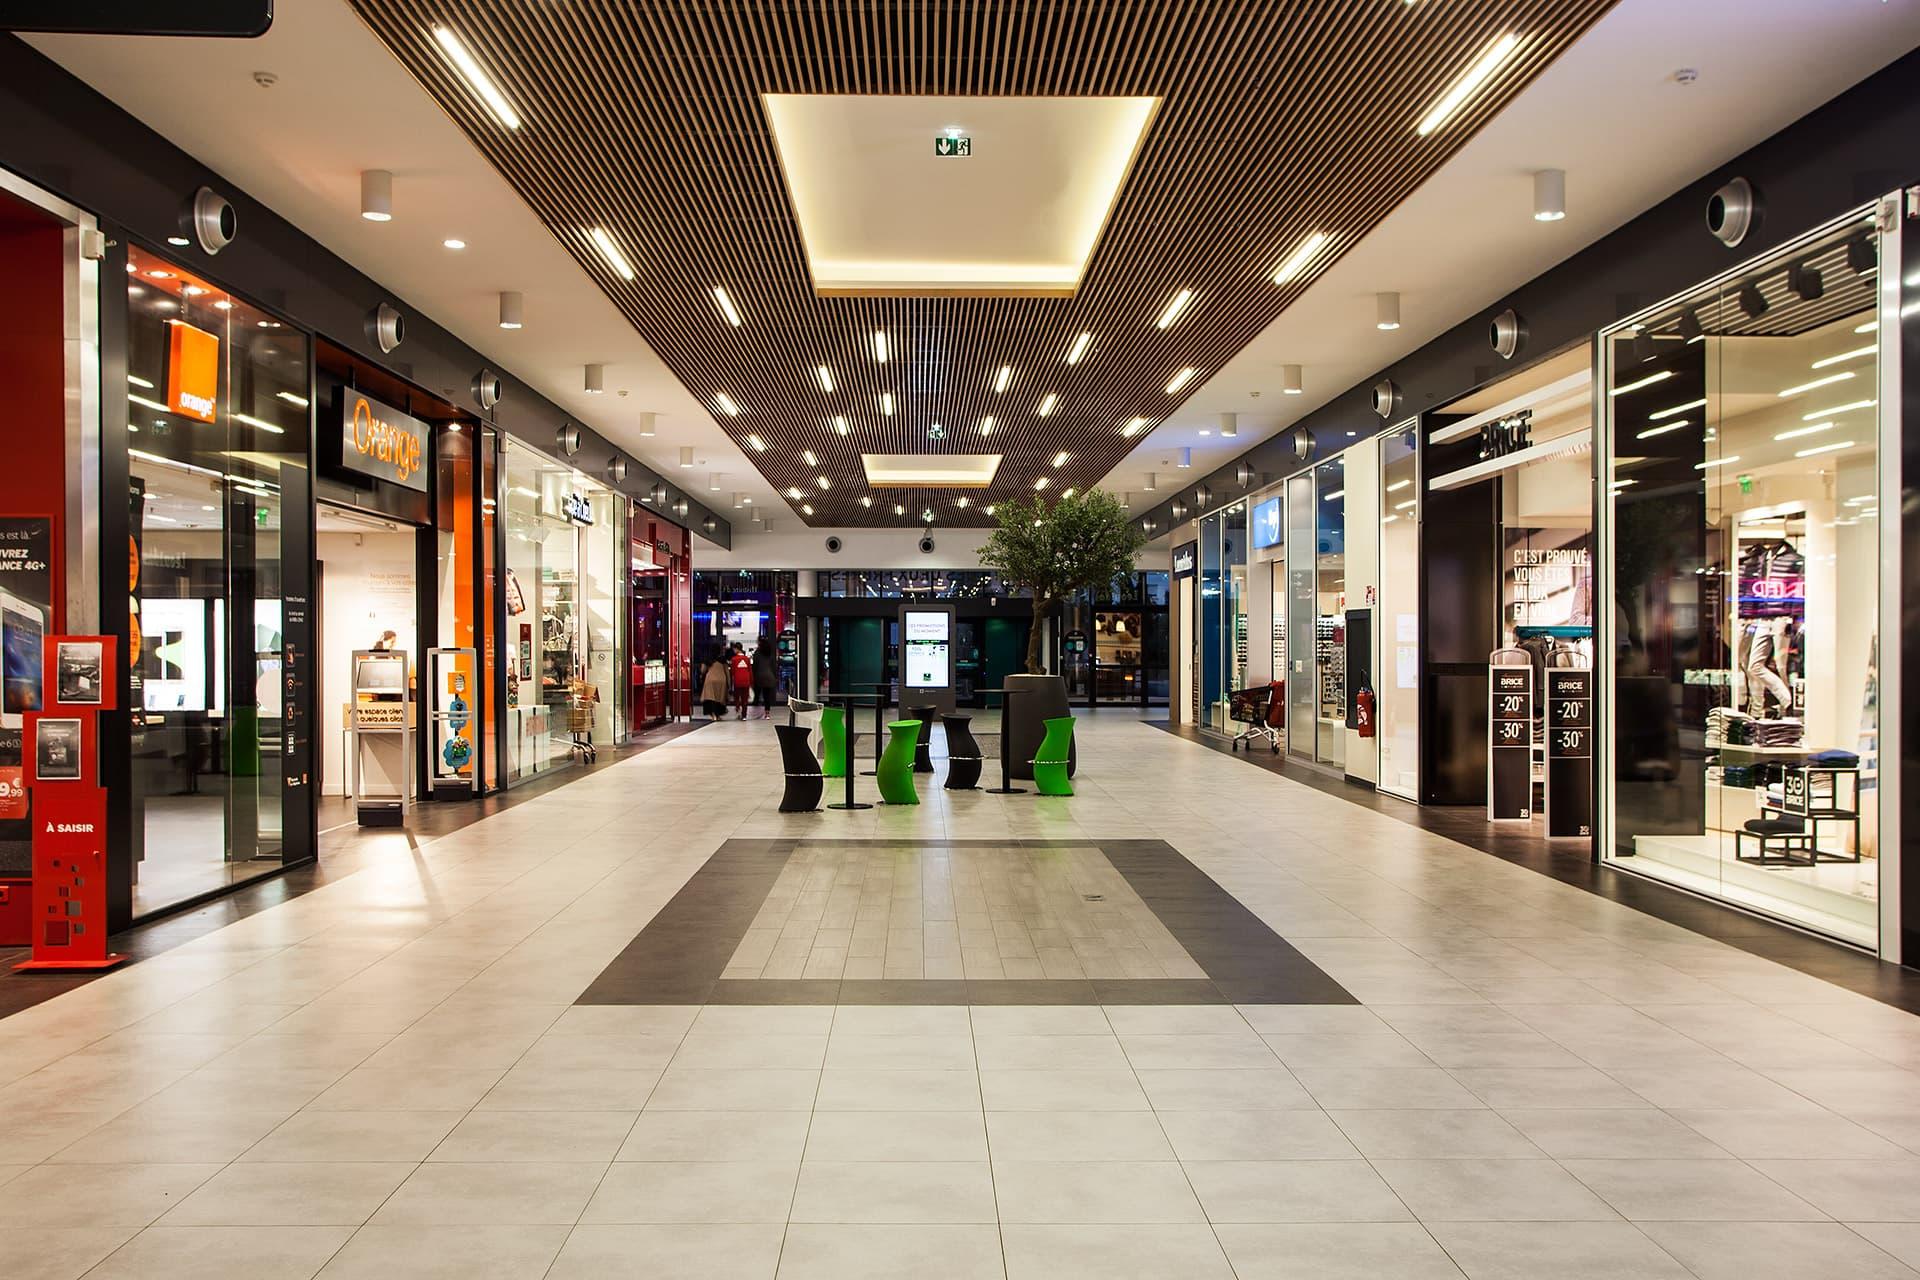 Eclairage de l'allée centrale du centre commerciale Auchan La seyne sur mer